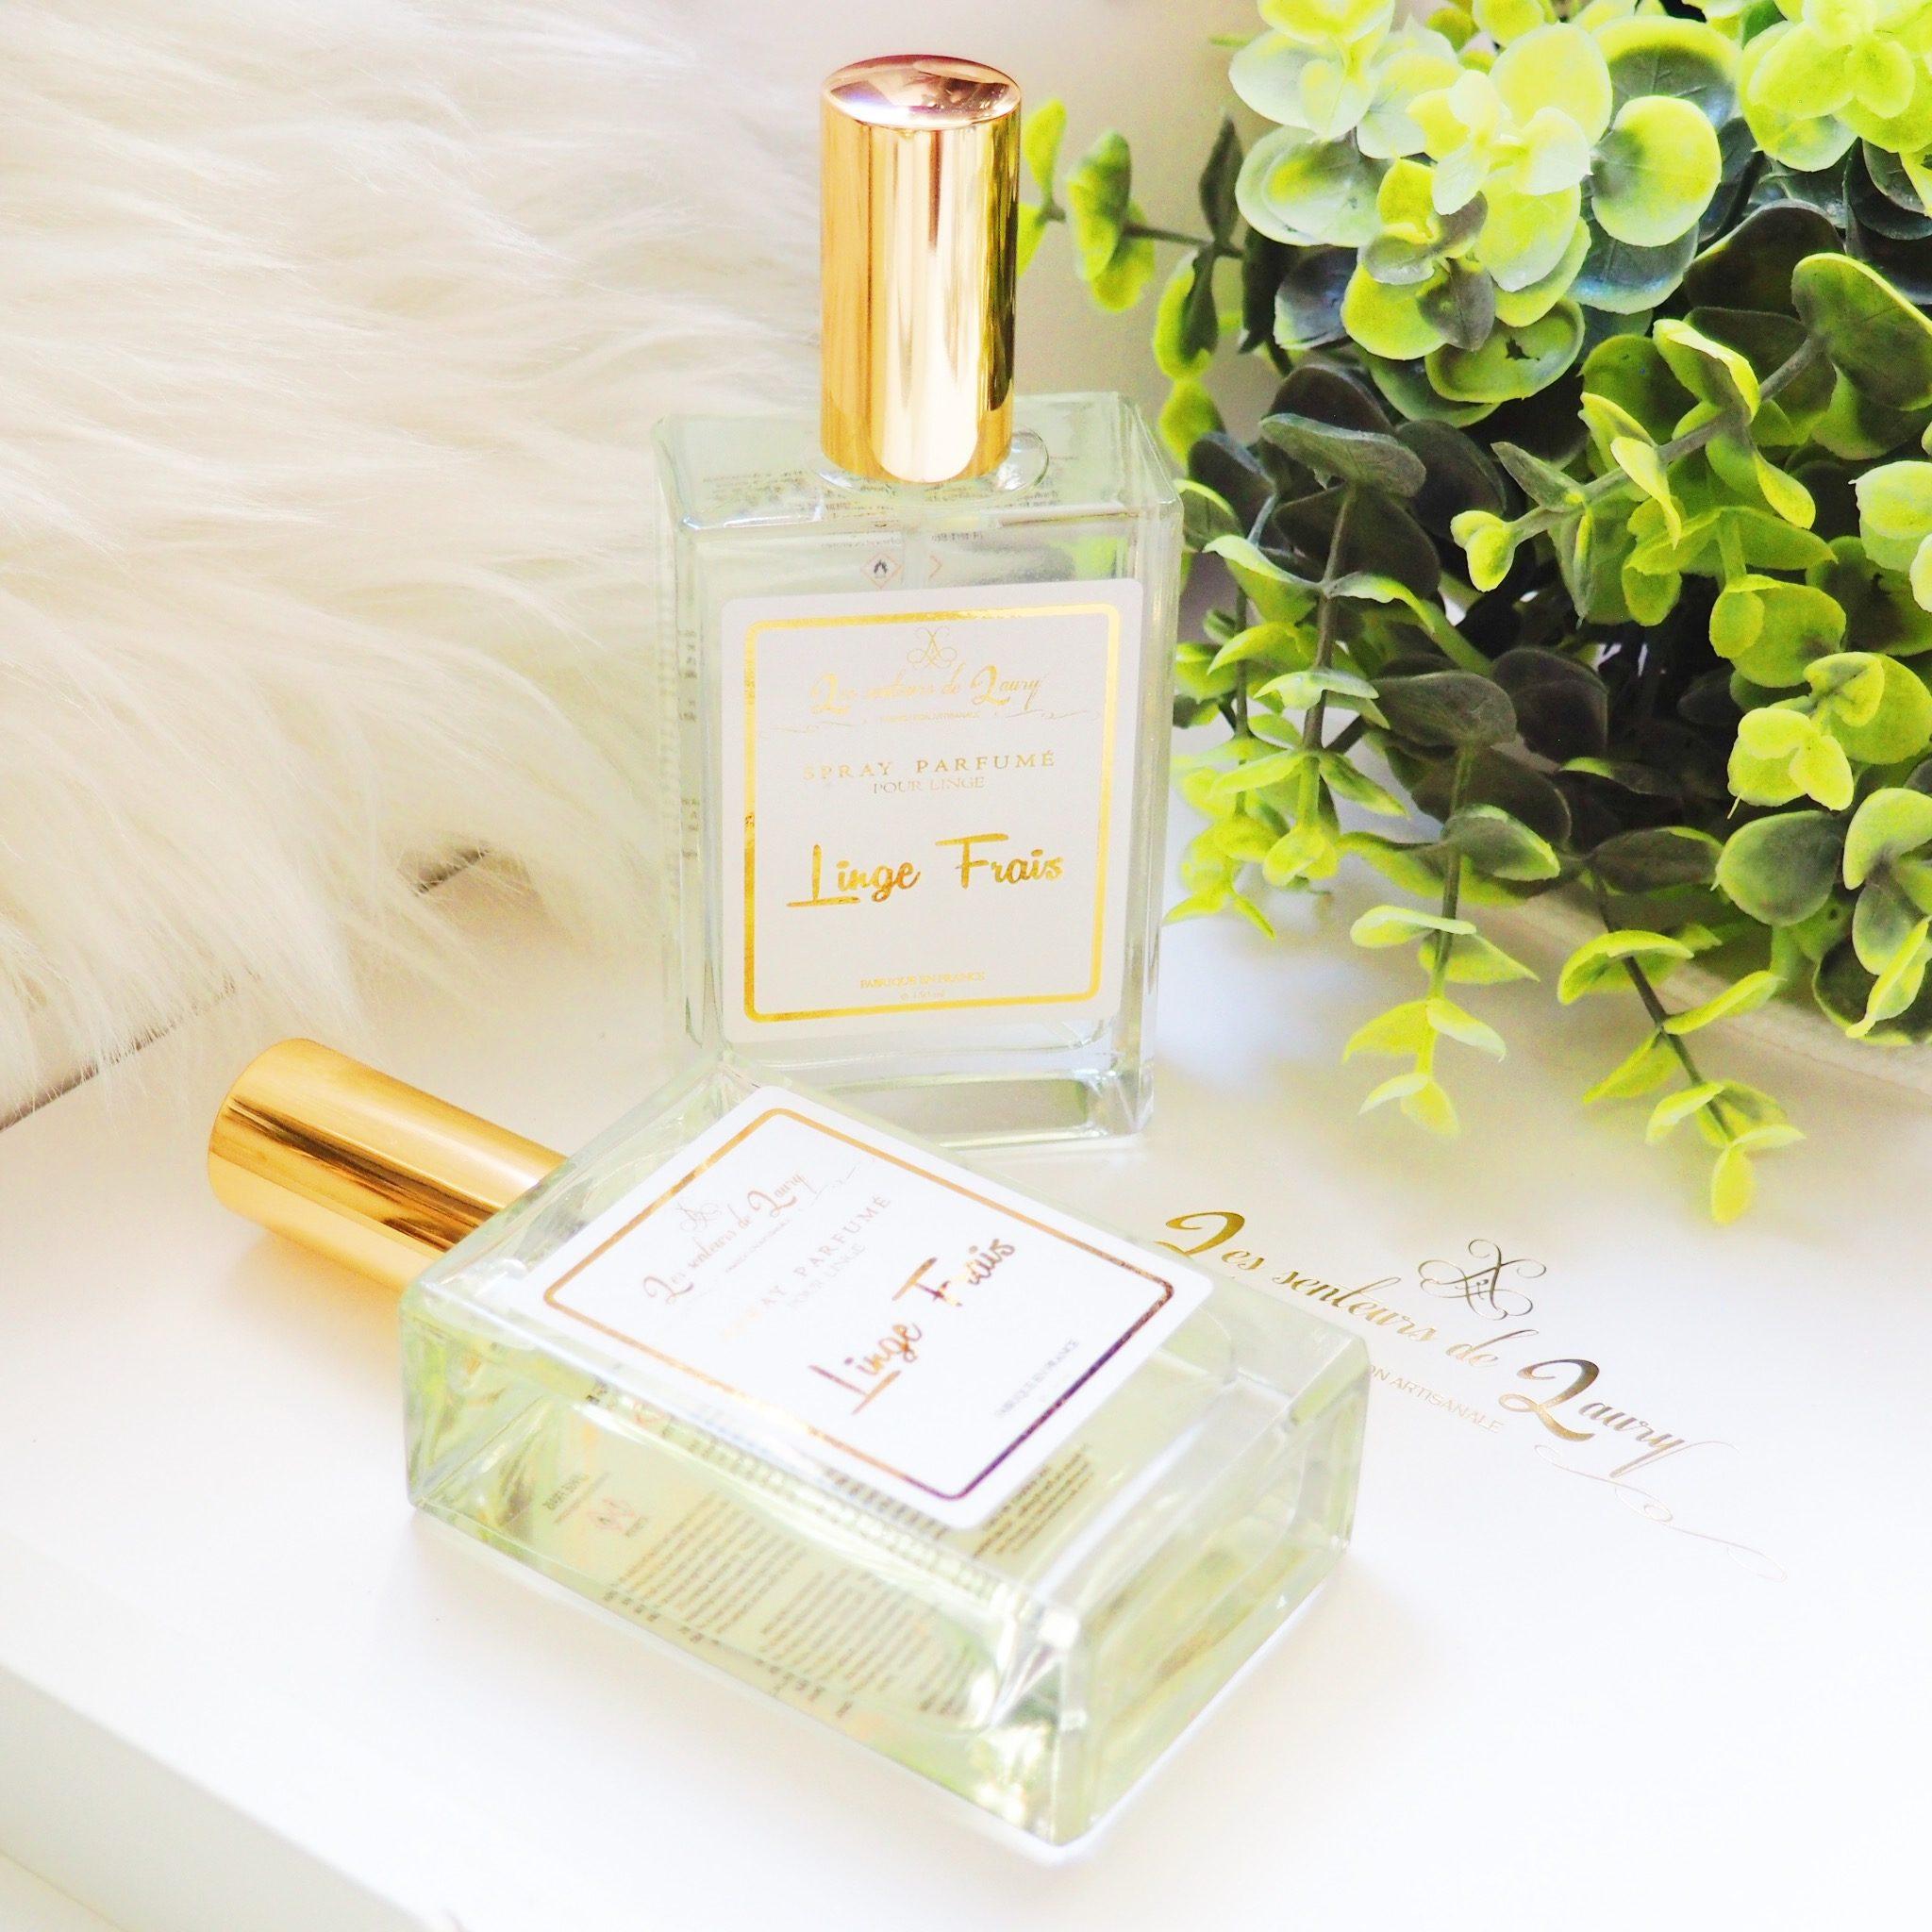 Brume parfumée – Linge frais